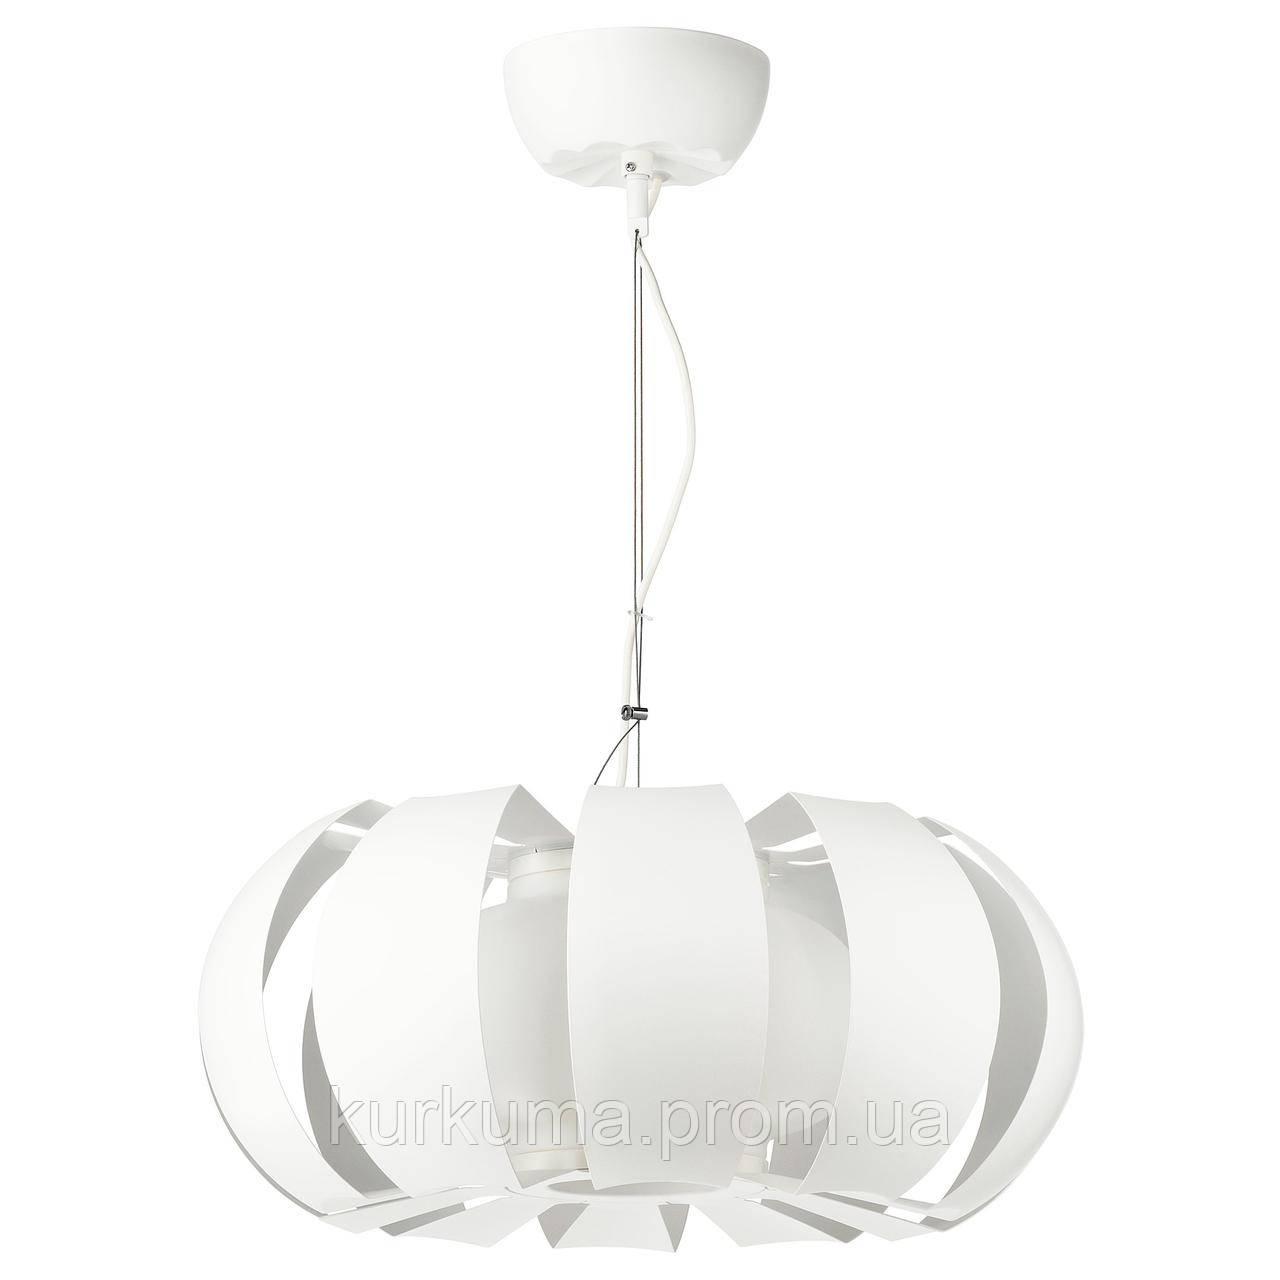 IKEA STOCKHOLM Подвесной светильник, белый  (002.286.06)